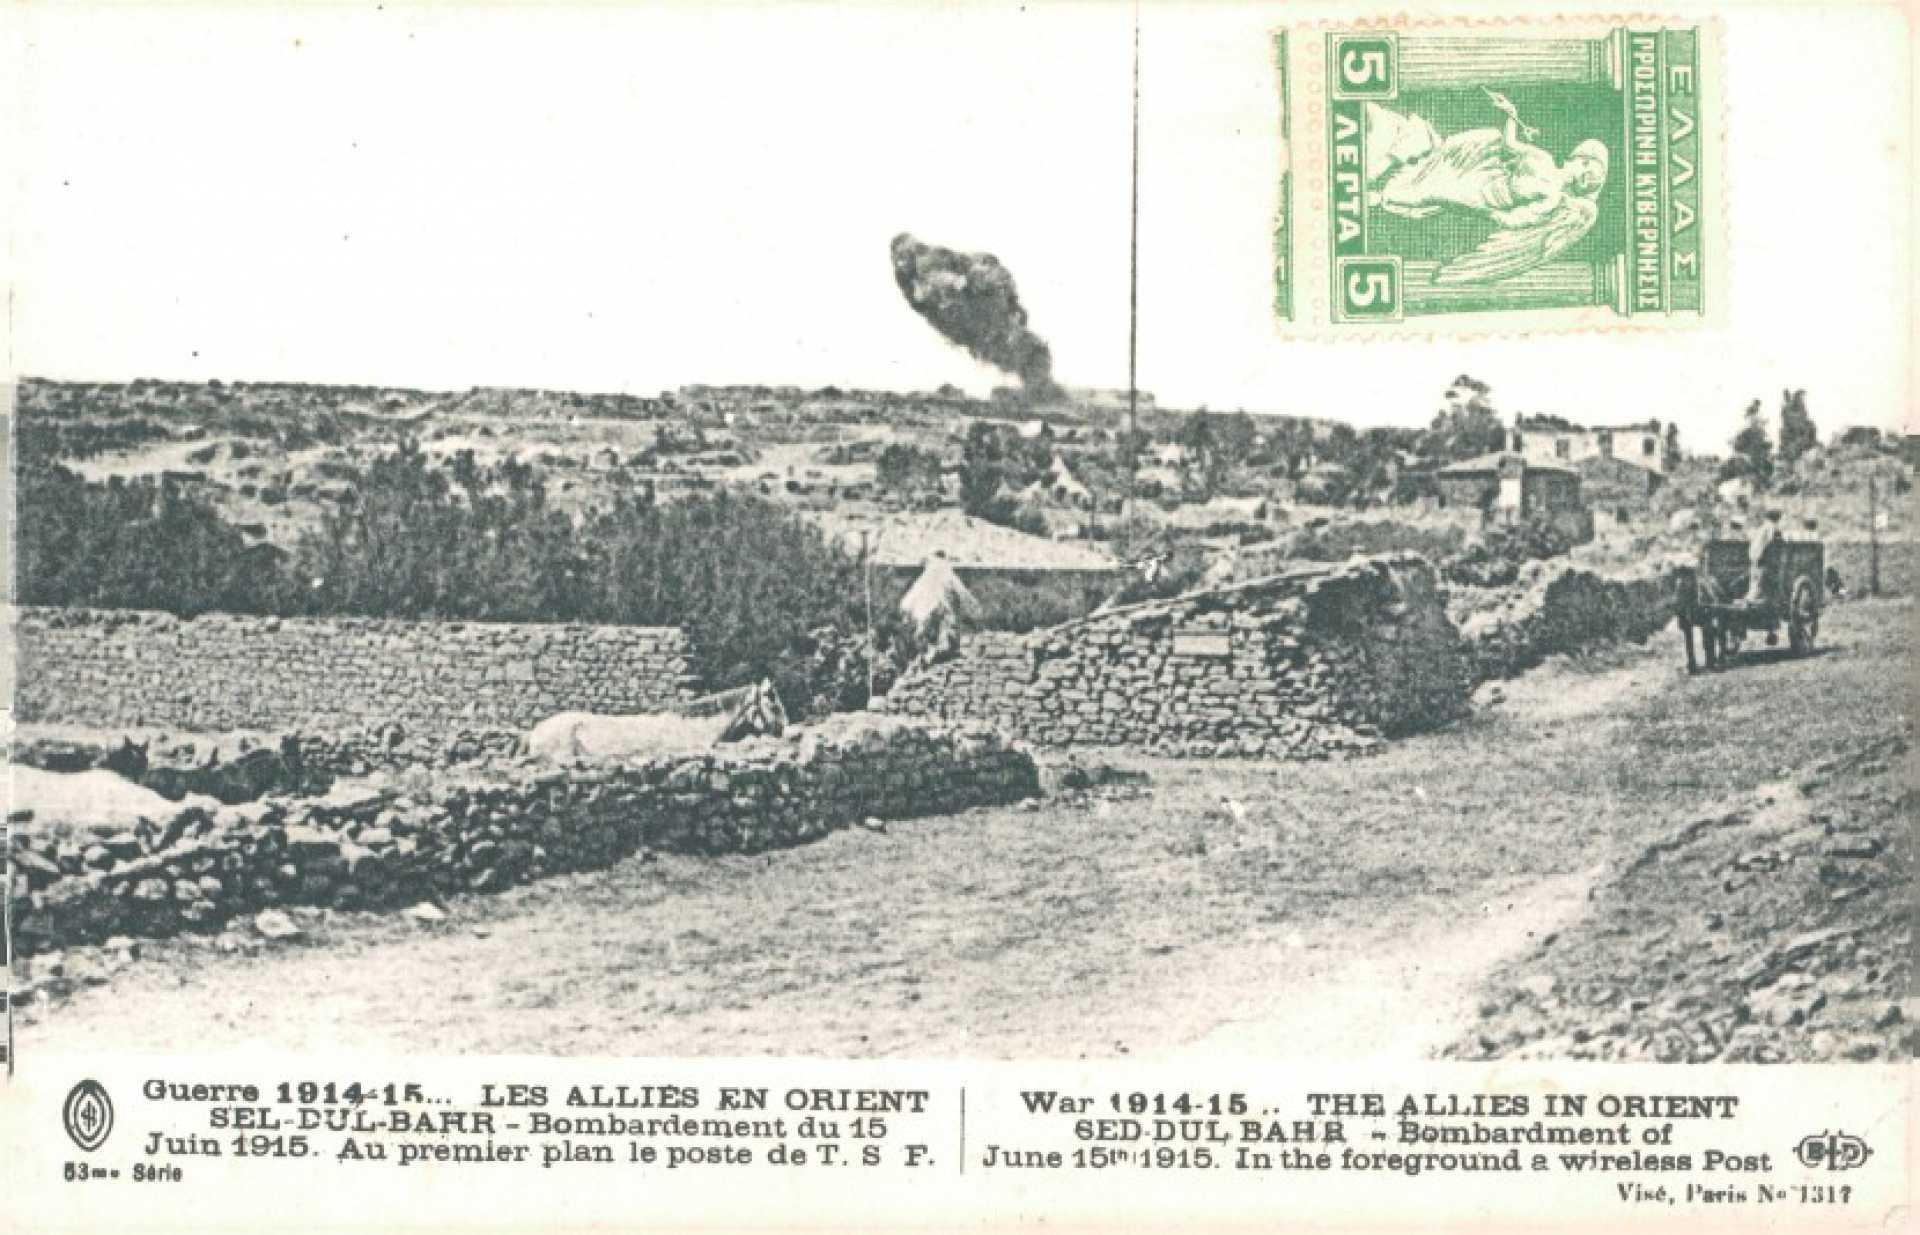 Guerre 1914-15… Les Allies en orient Sed-Dul-Bahr – Bombardement du 15 Juin 1915. Au premier plan le poste de T. S F.